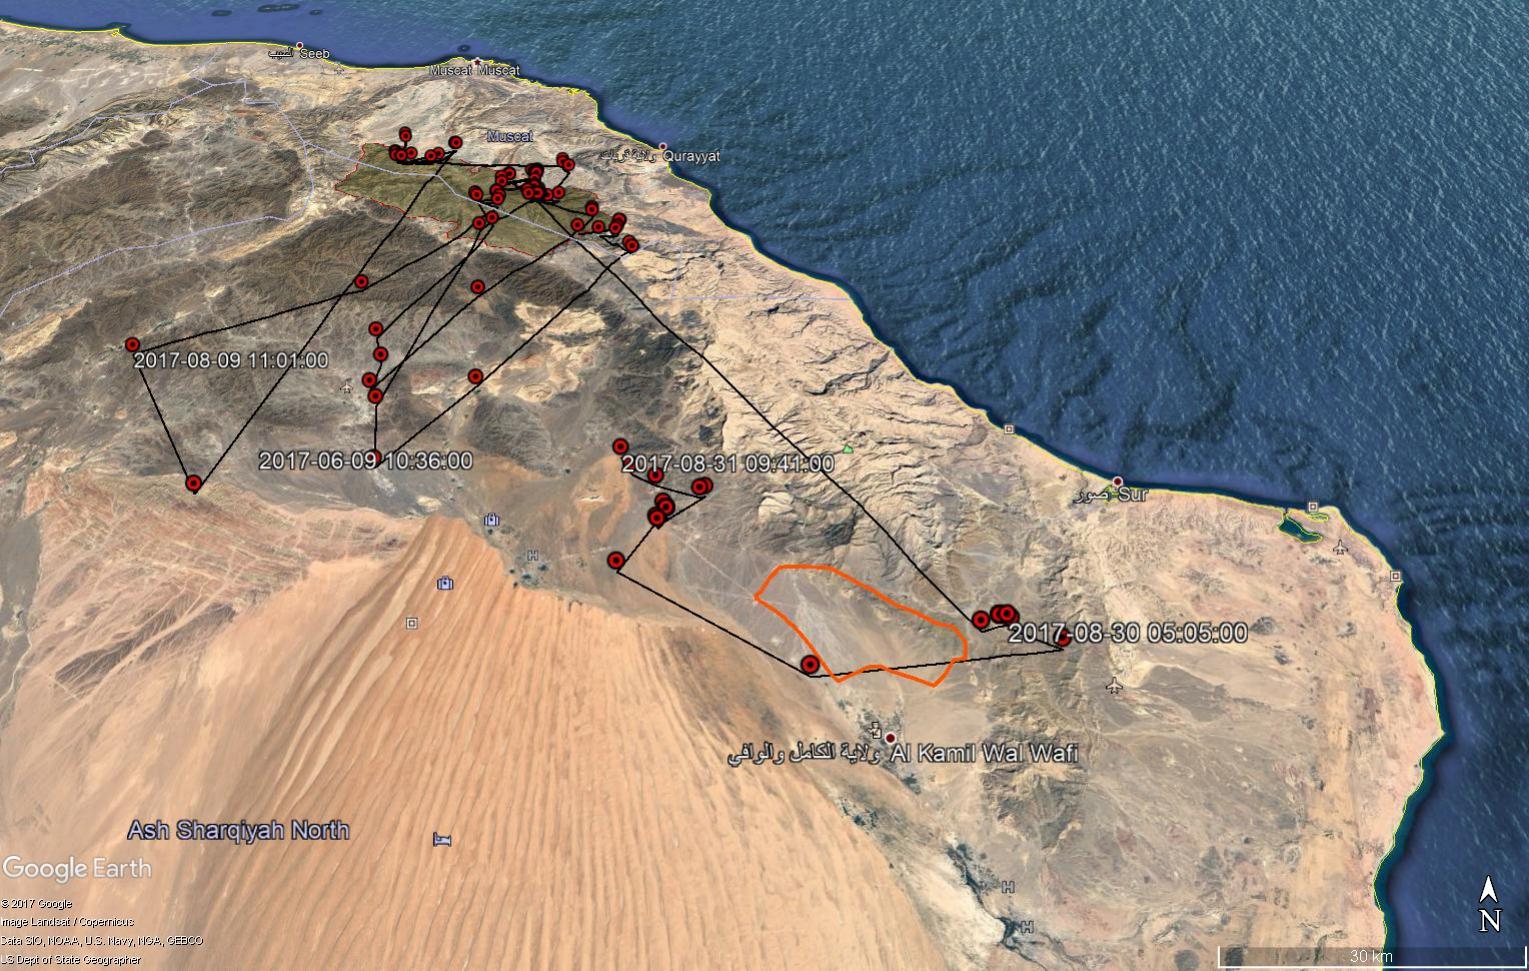 Egyptian Vultures in Oman الرخمة المصرية في عُمان: 2017